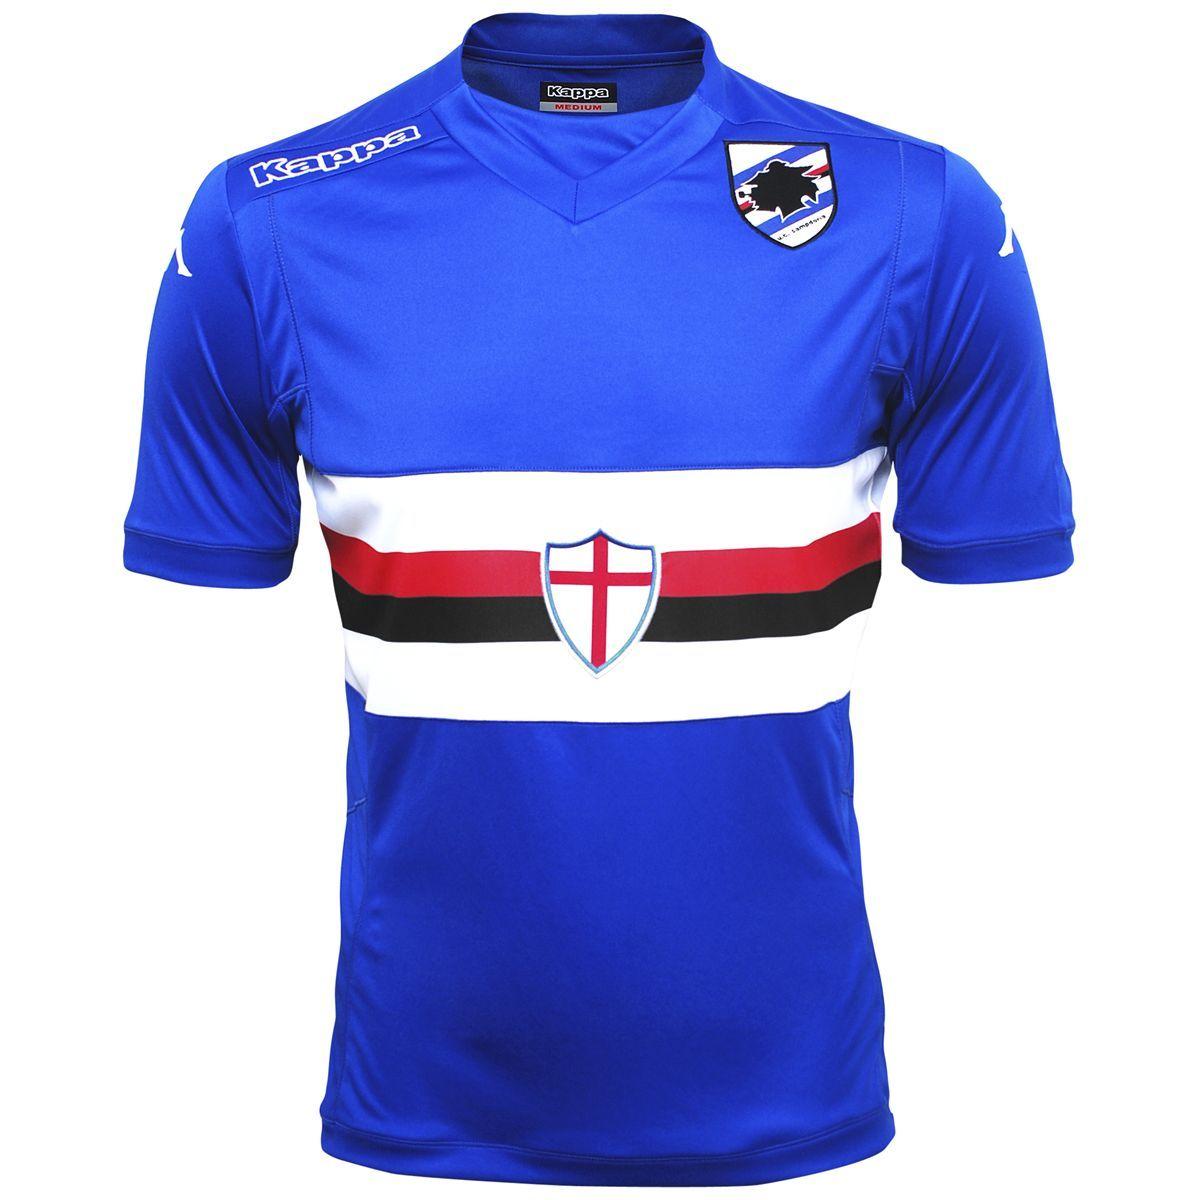 Sampdoria home 2014/2015